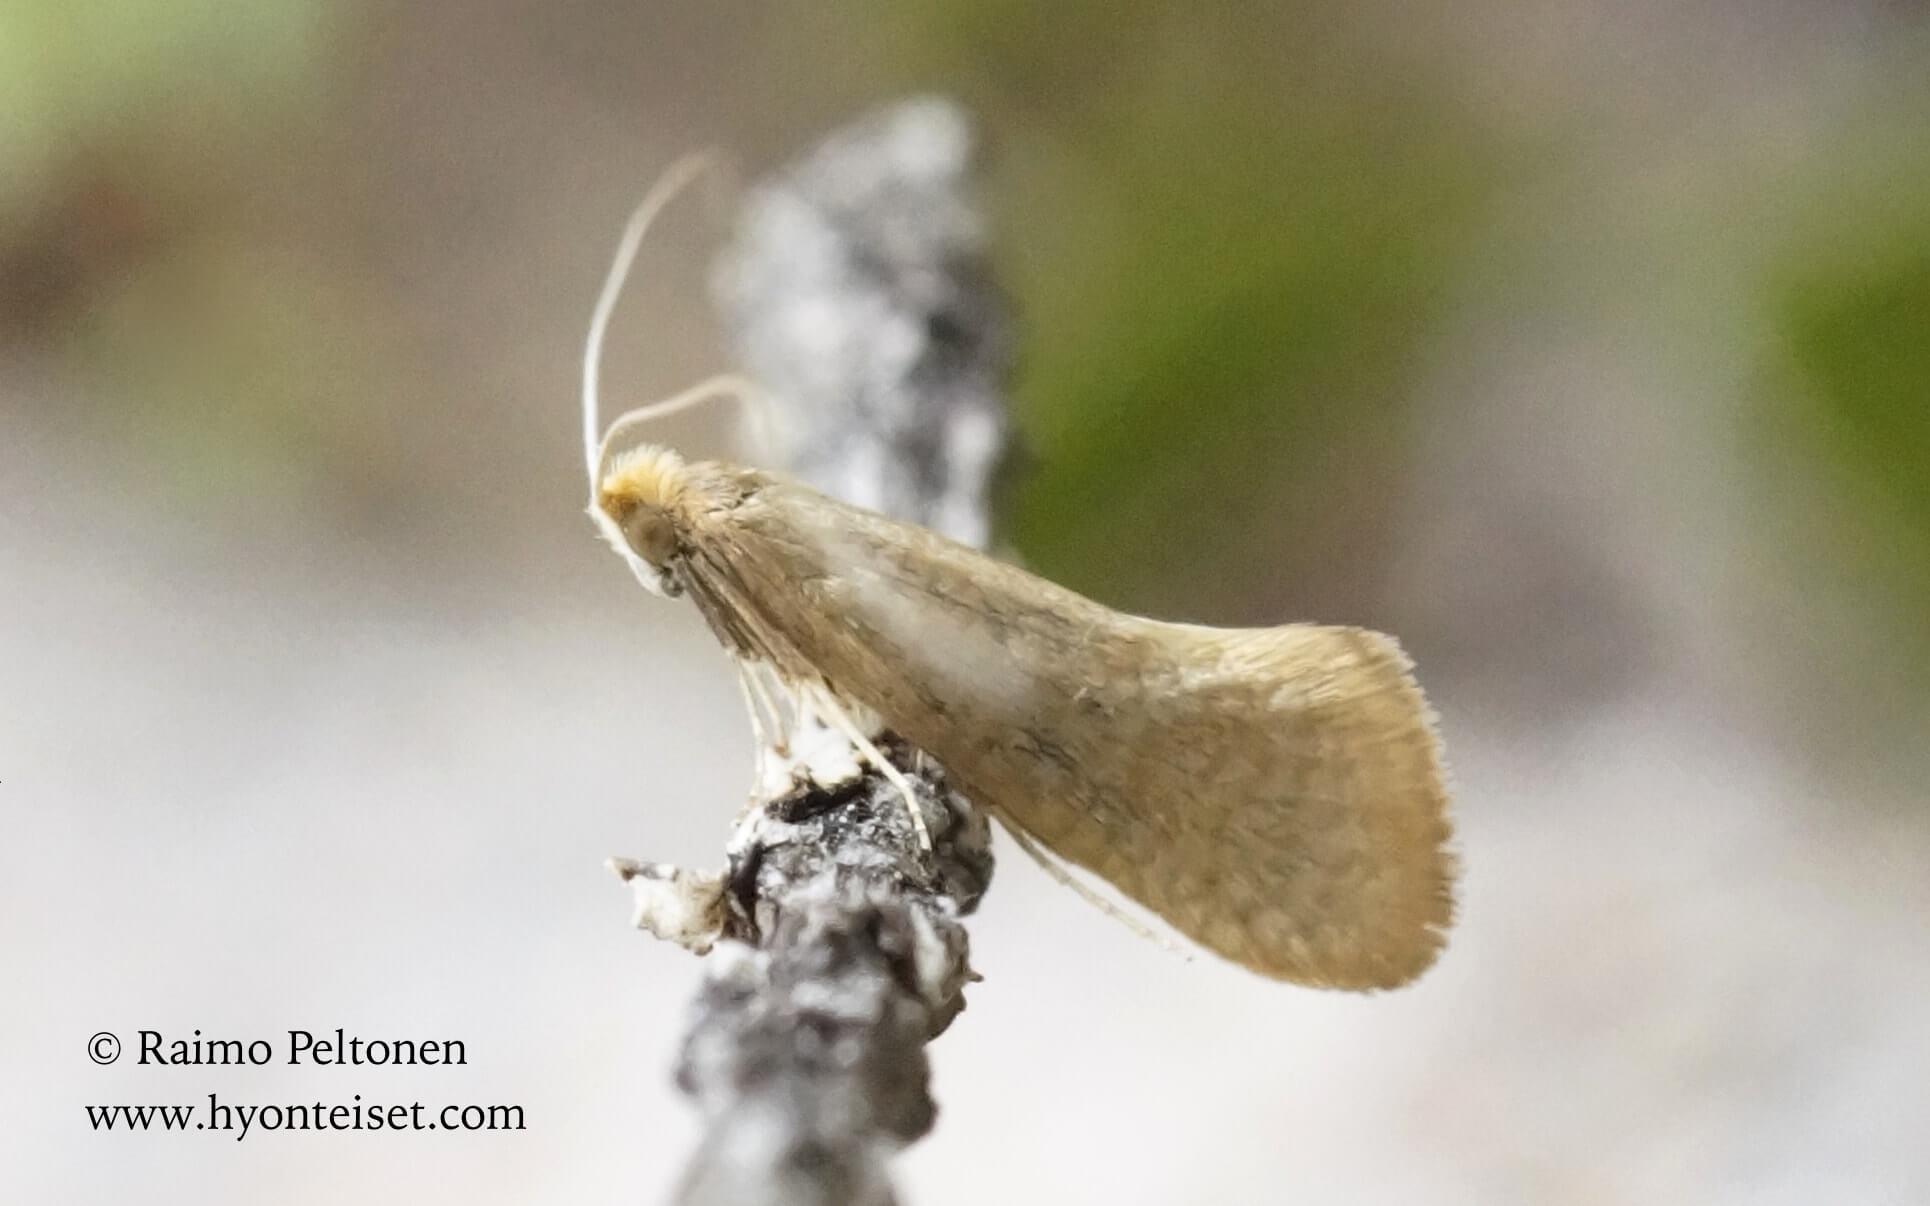 Nematopogon swammerdamellus-isosurviaiskoi (det. Ali Karhu); 18.5.2016 Jyväskylä